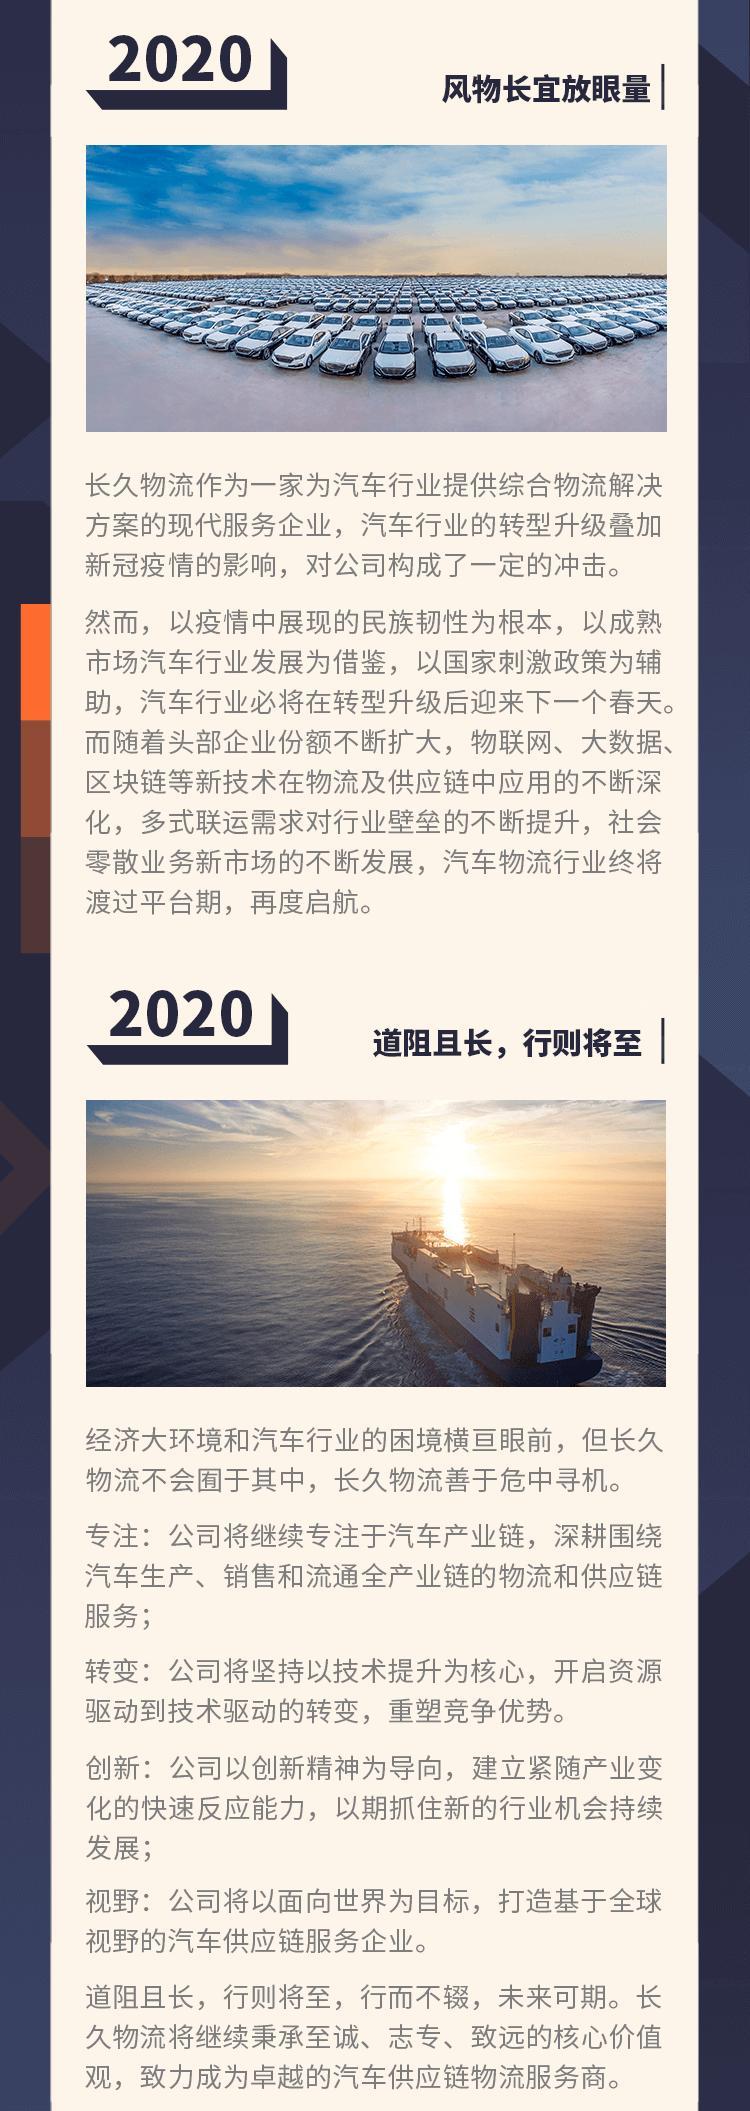 写给2020 | 长久物流薄世久:没有人是孤岛